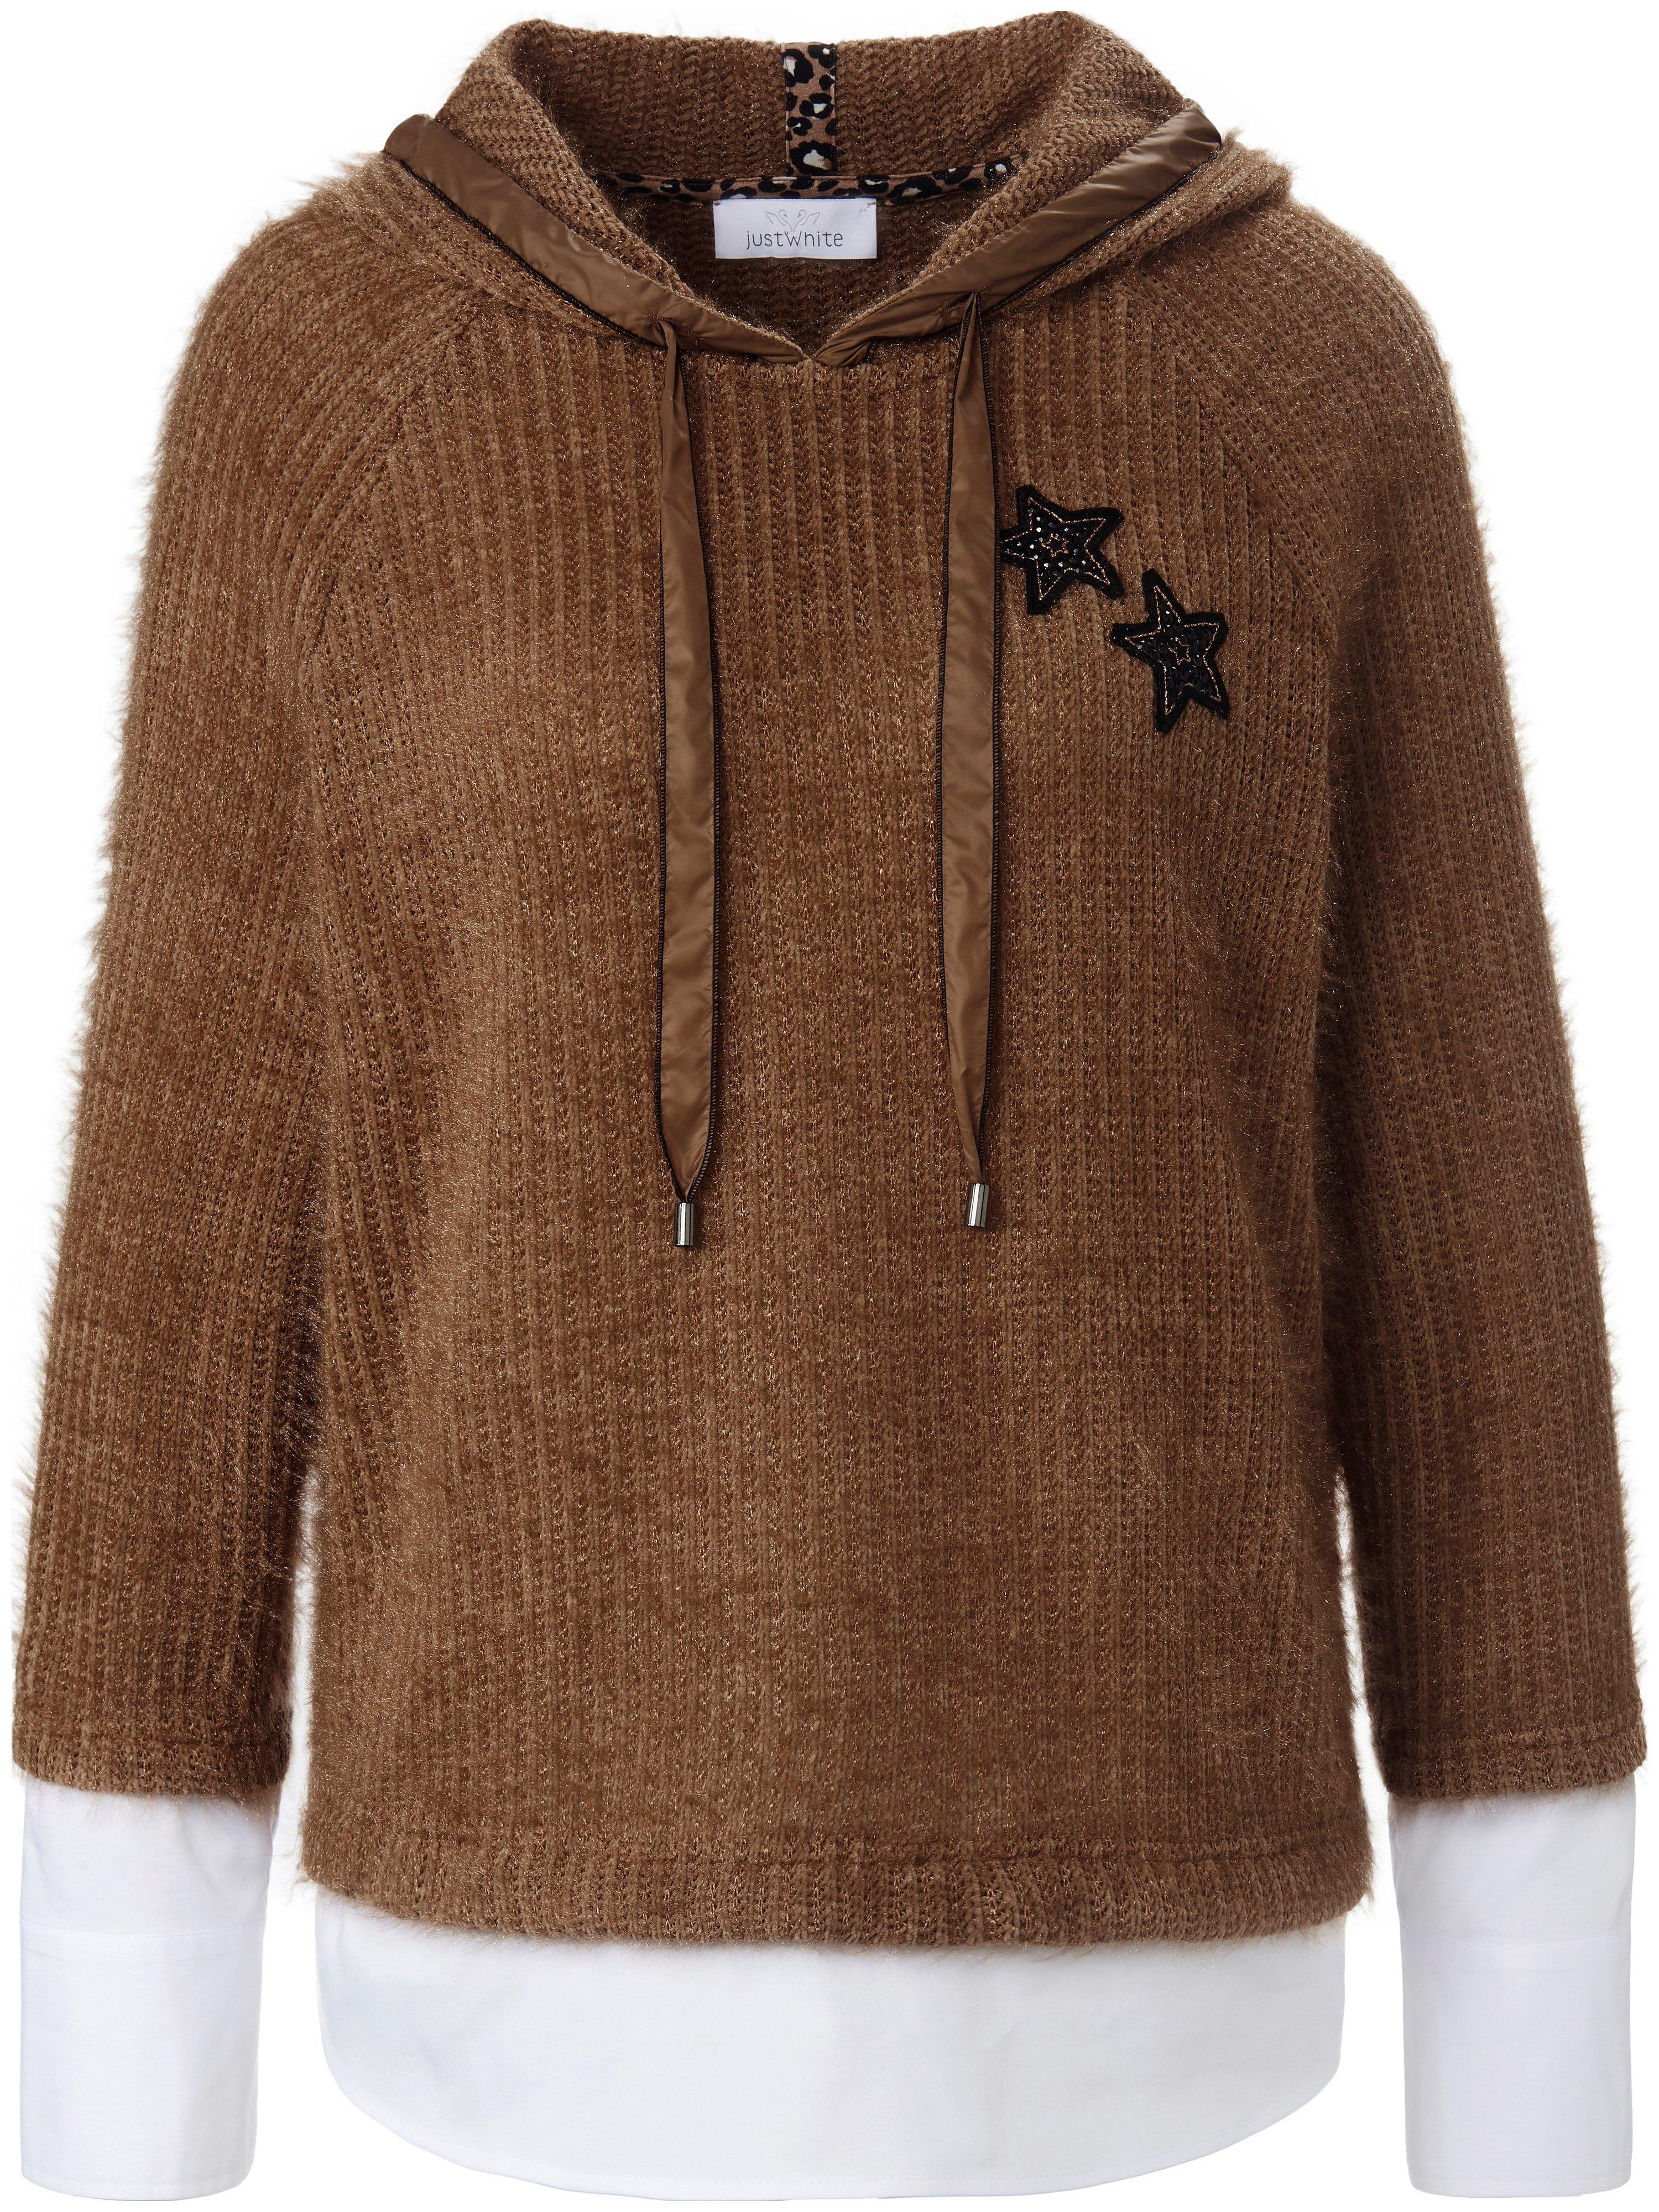 2-in-1-sweatshirt capuchon Van Just White bruin